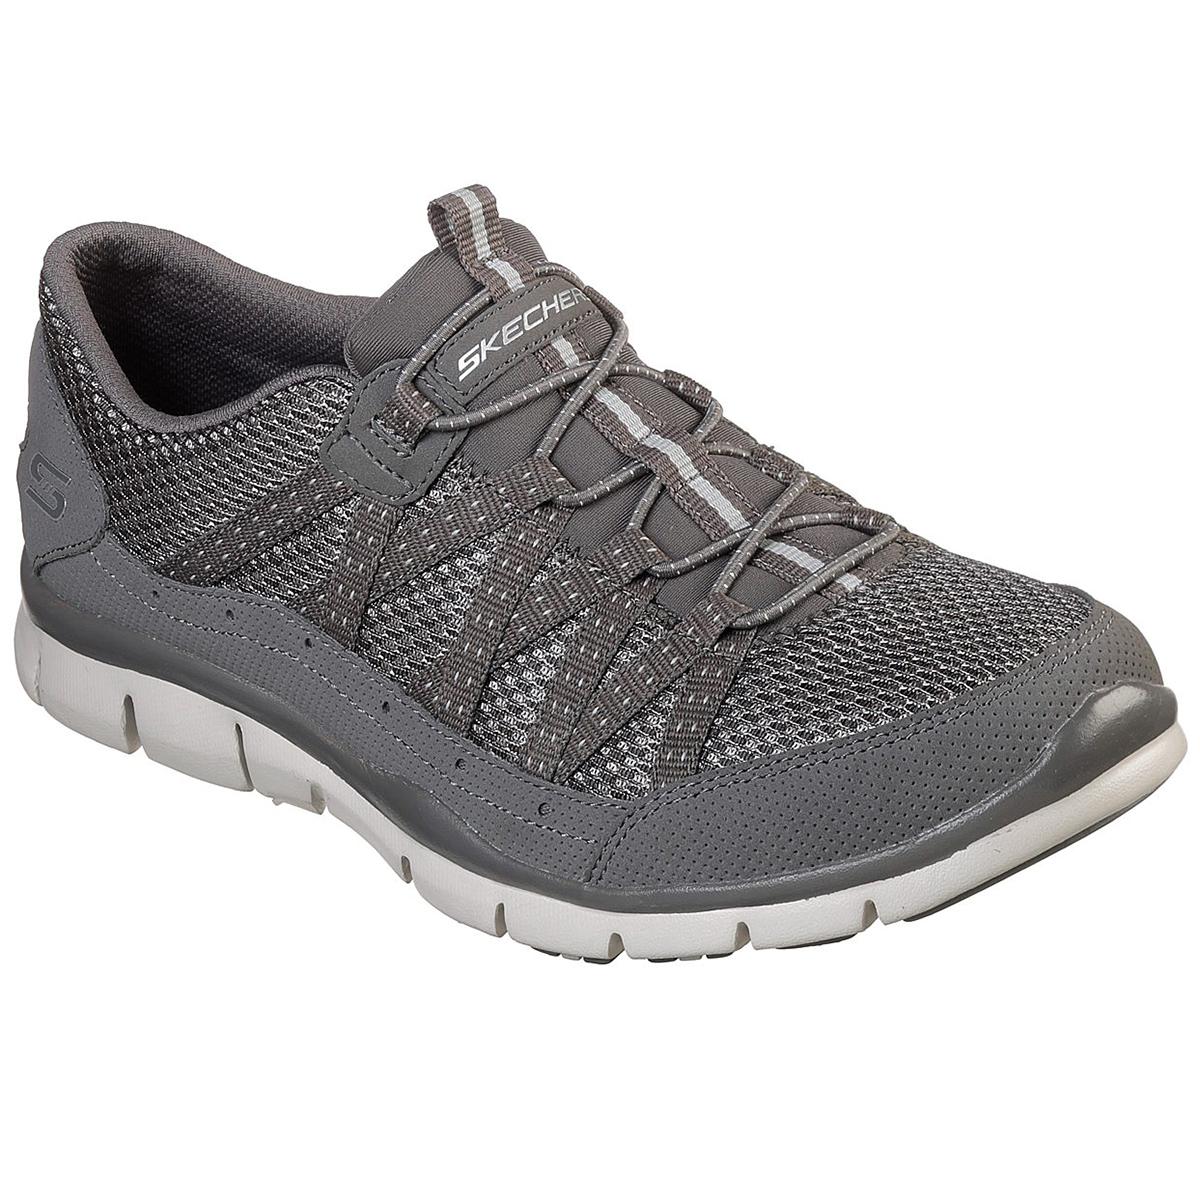 """Skechers Women's Gratis A """" Strolling Sneakers - Black, 7.5"""